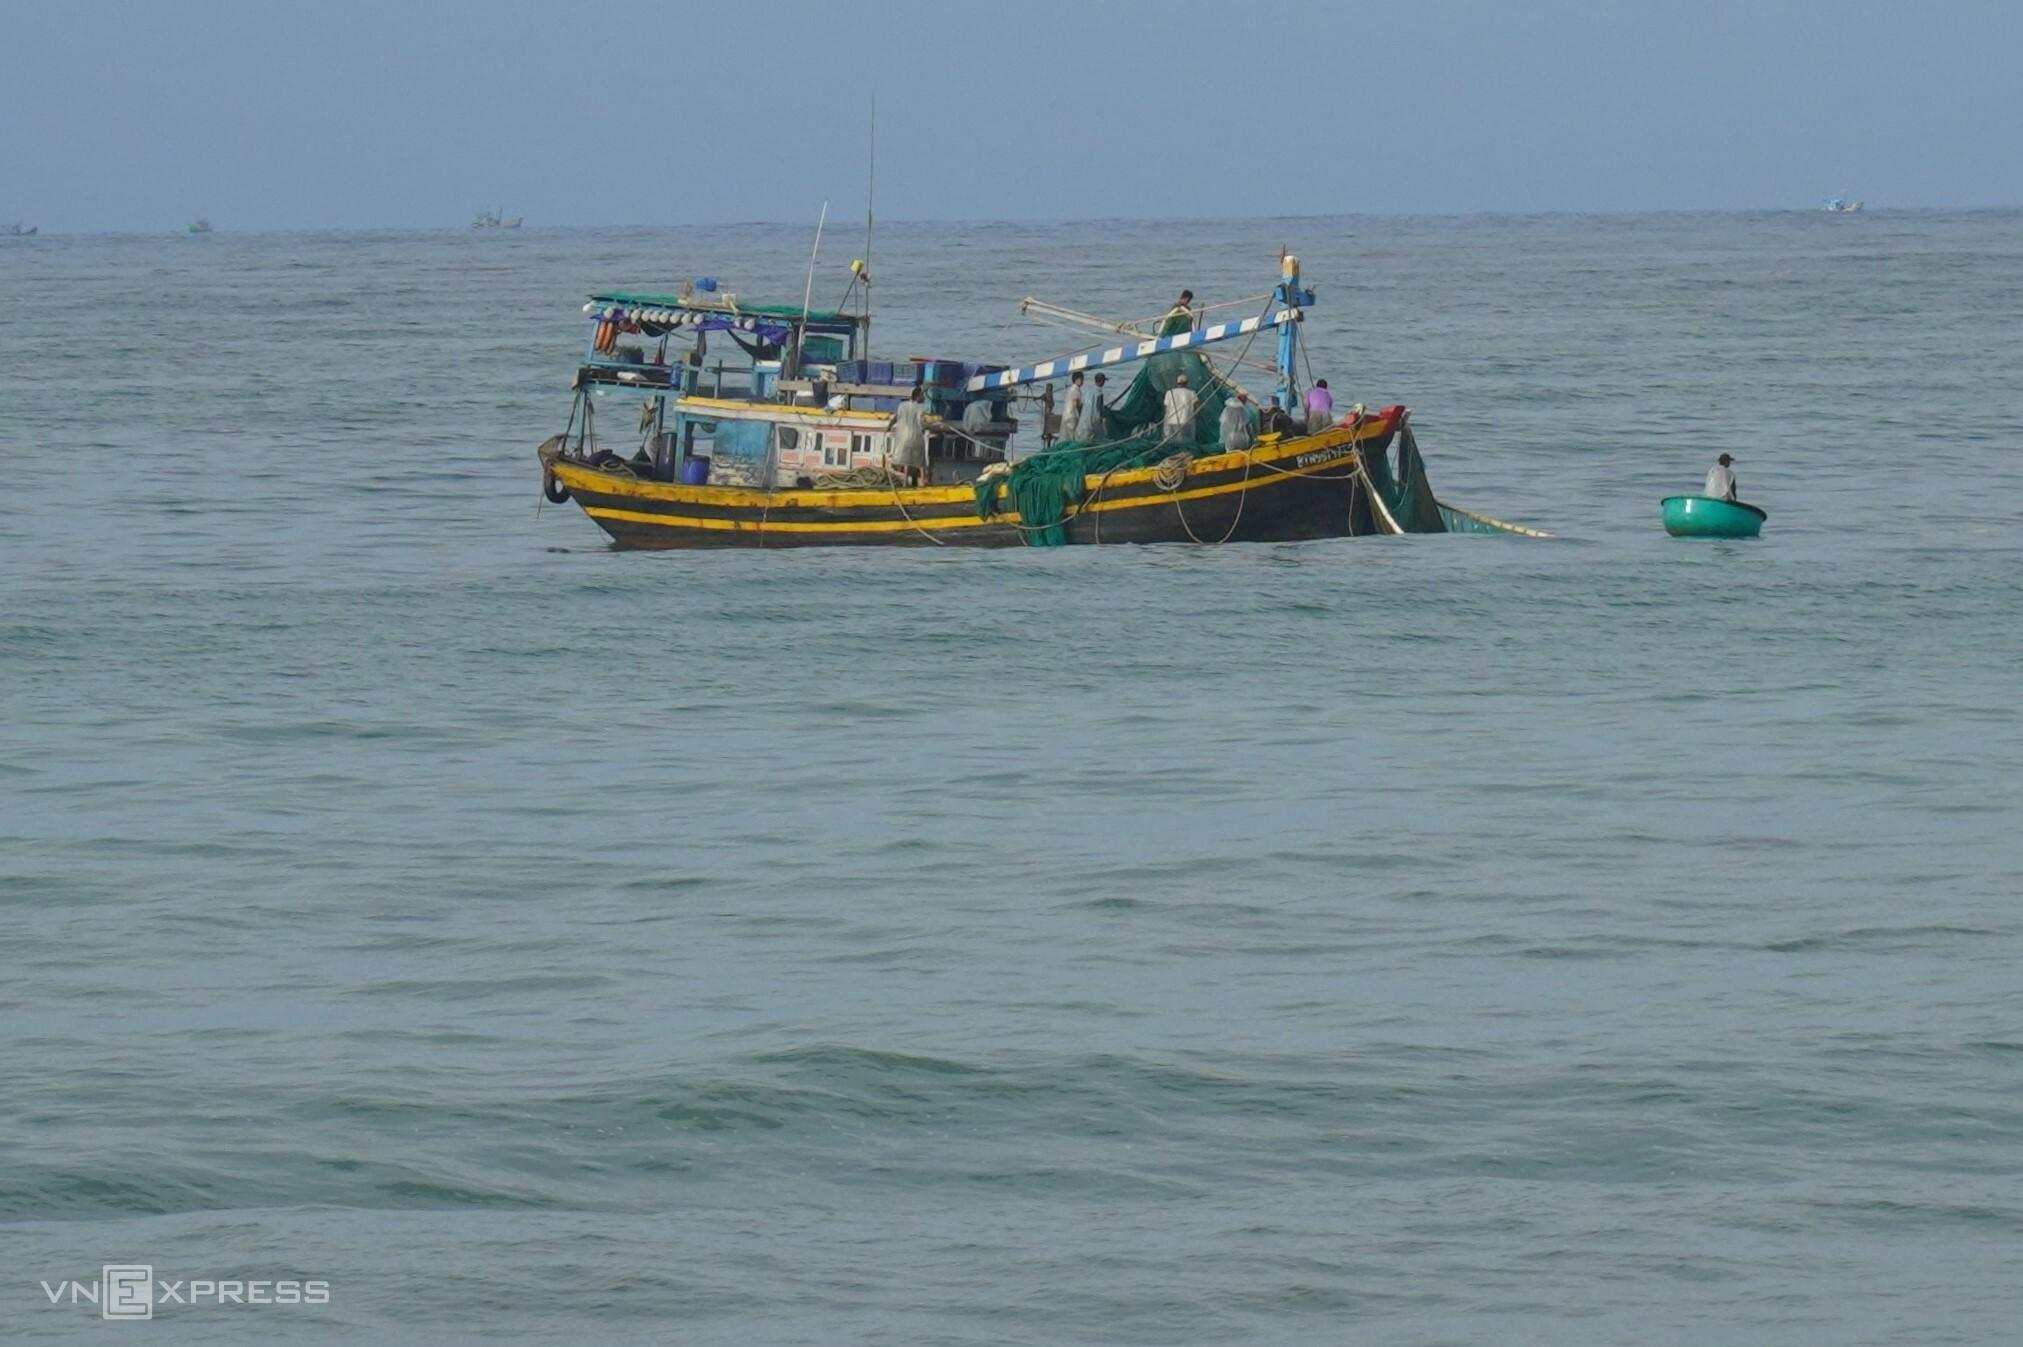 Tàu thuyền của ngư dân Phan Thiết đánh bắt hải sản trên biển, ngày 9/9. Ảnh: Việt Quốc